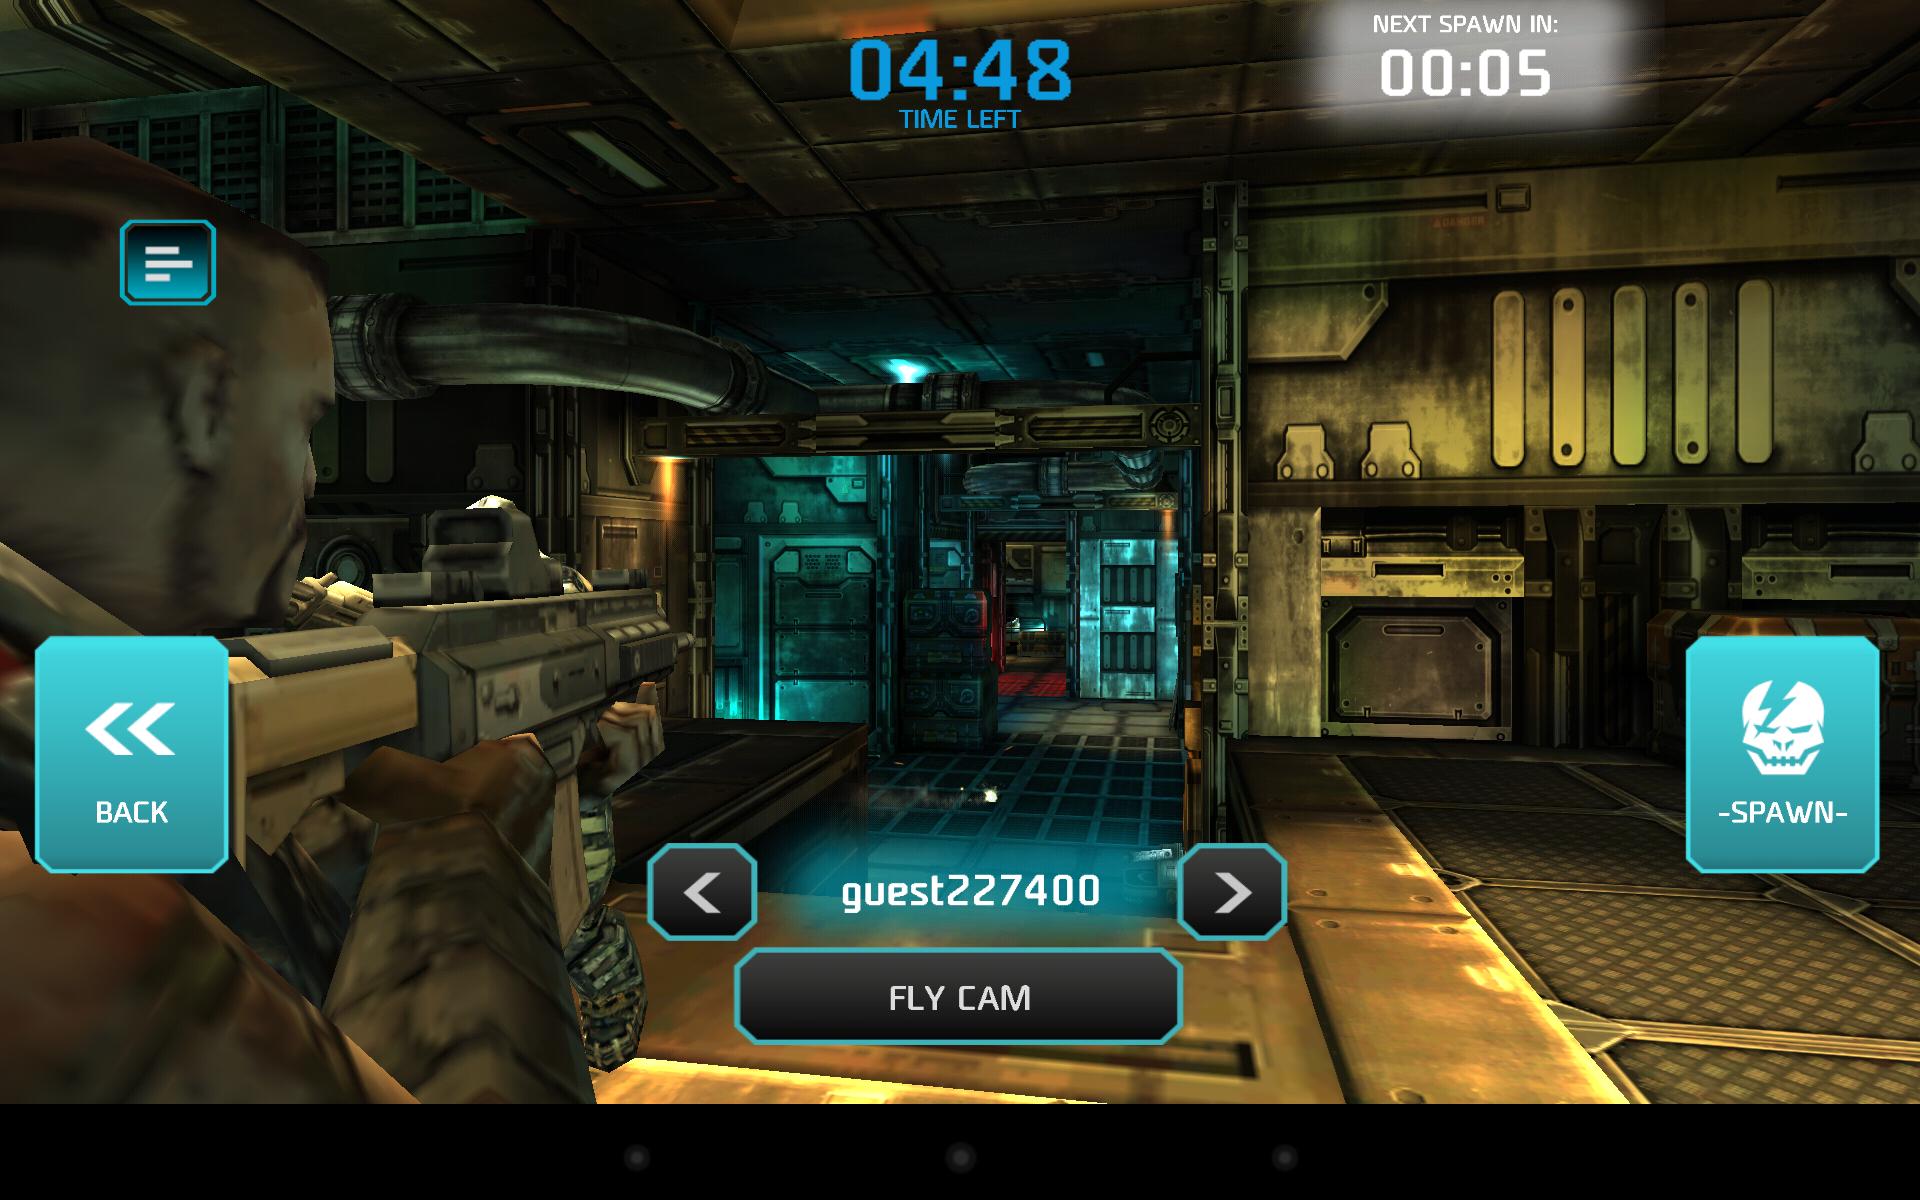 how to take a screenshot on nexus 7 2013